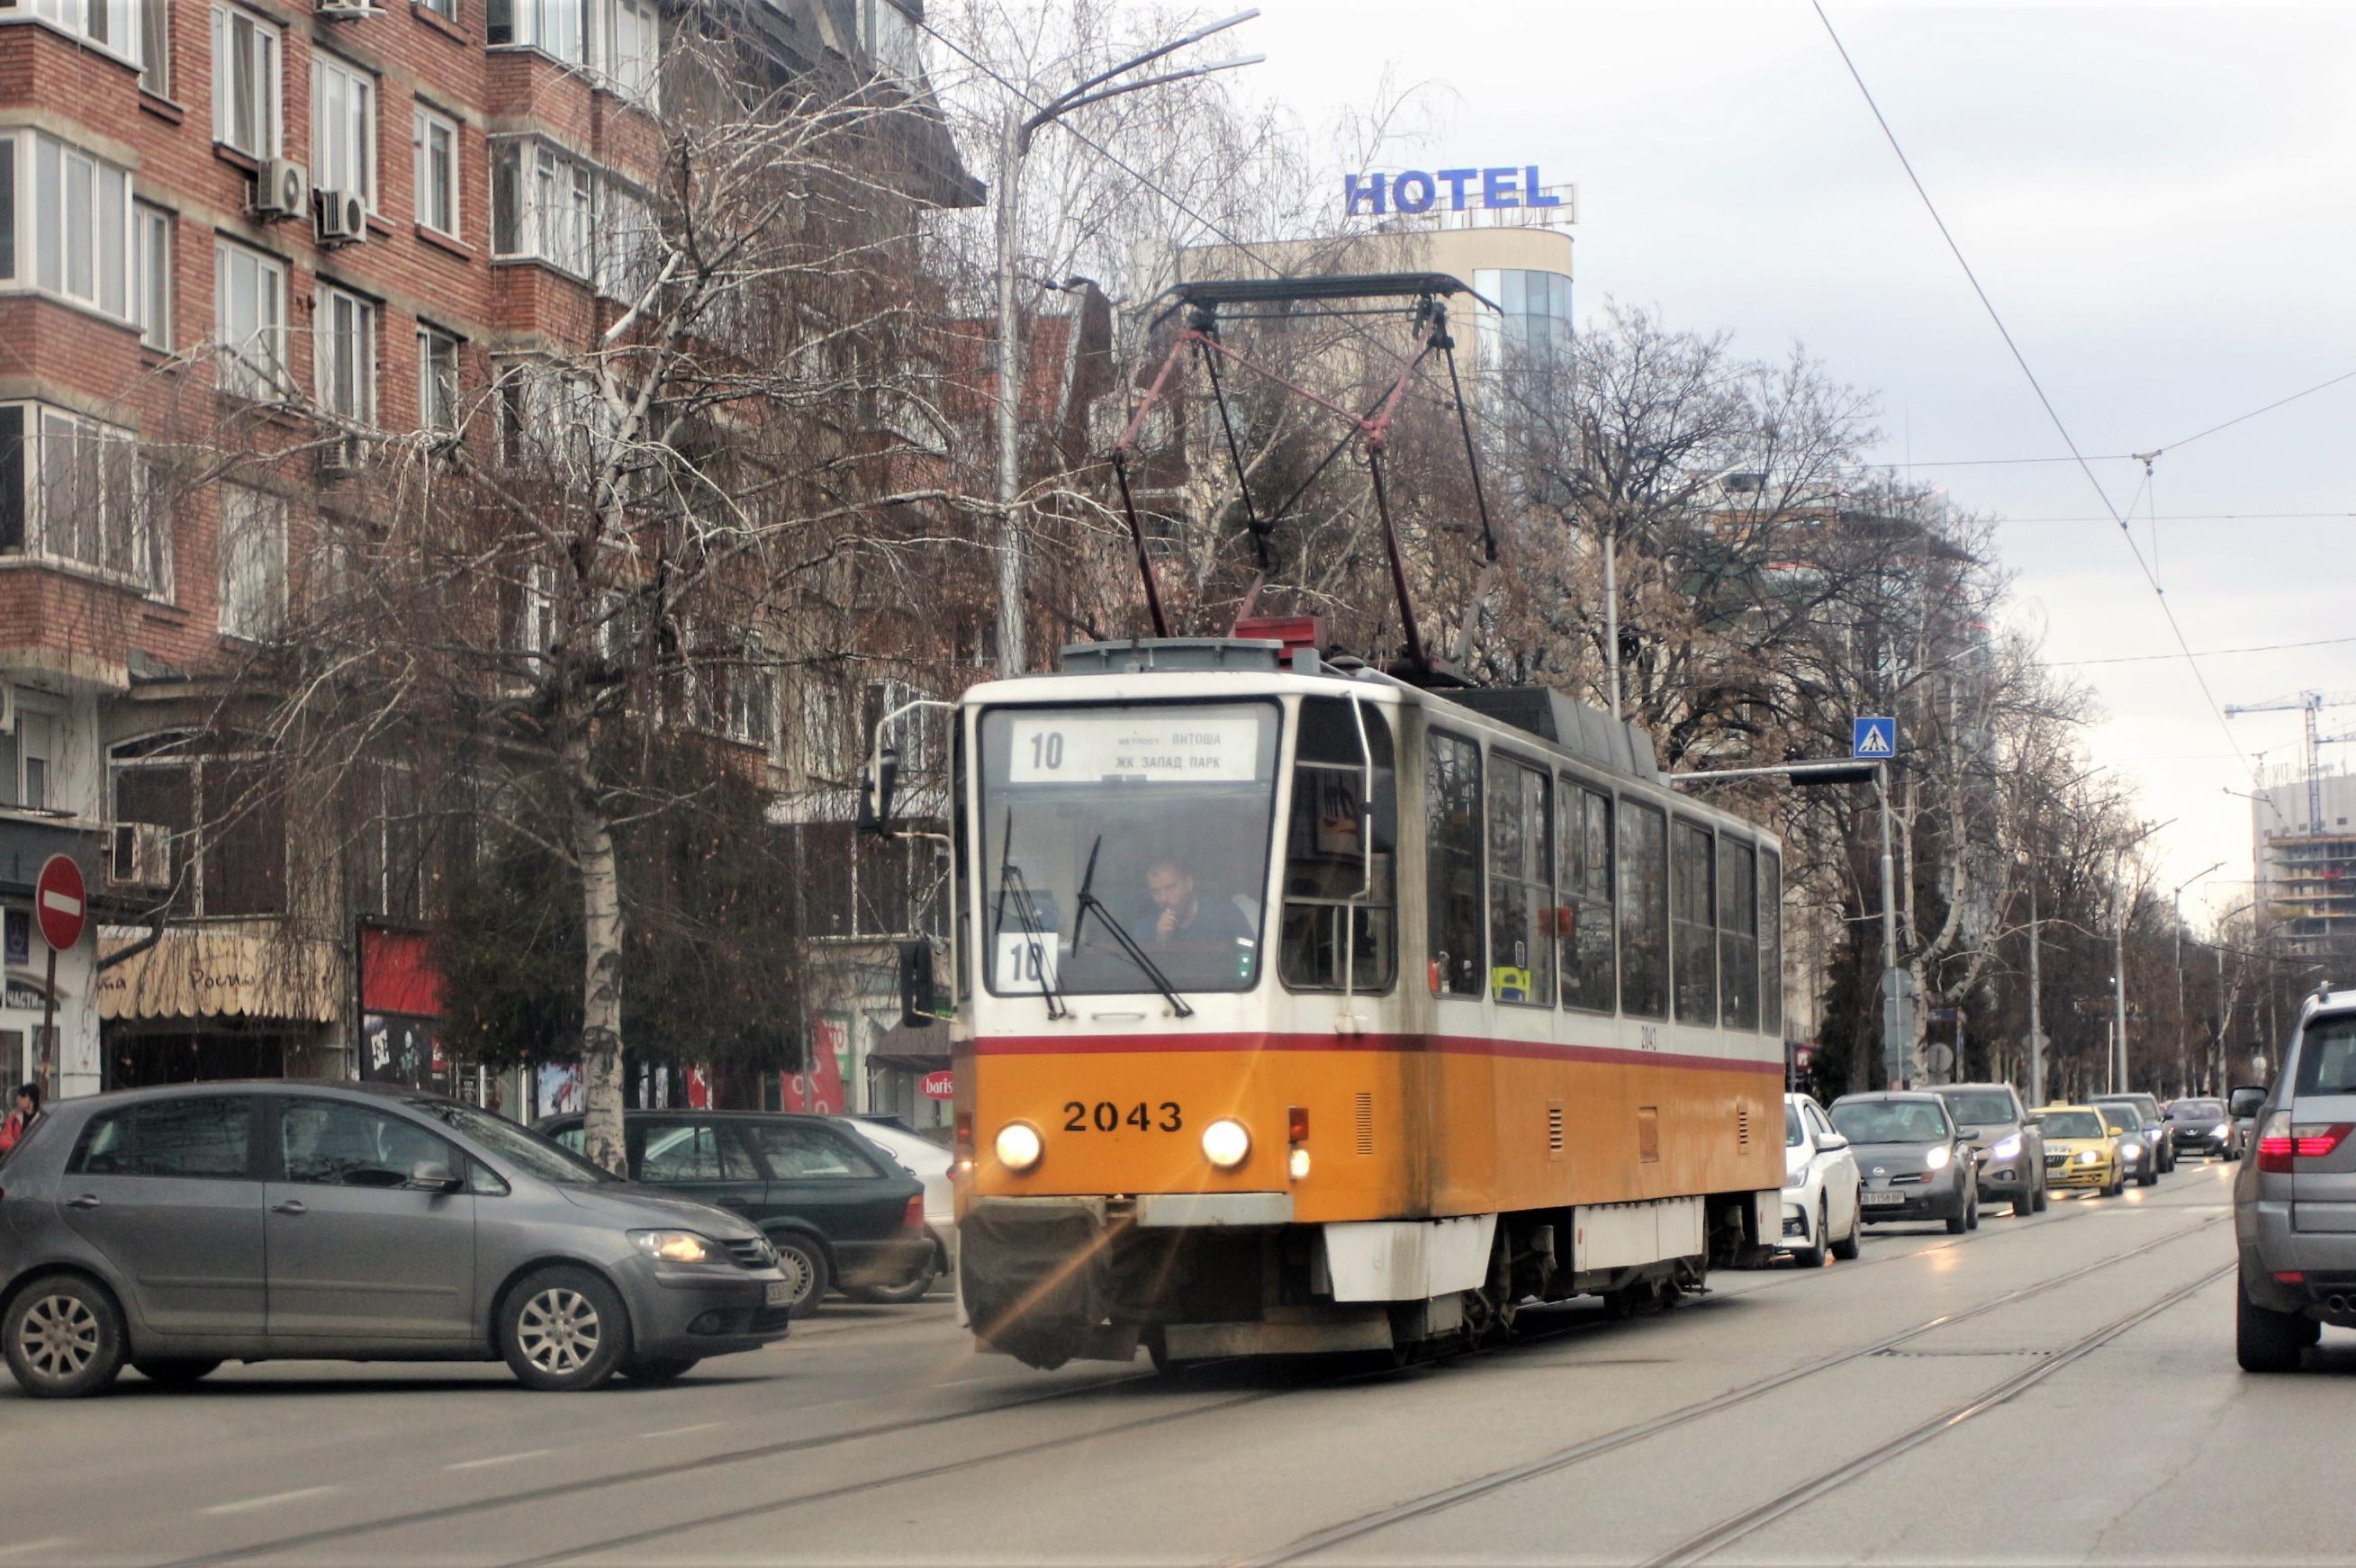 Променят маршрутите на трамваи 10 и 11 през уикенда заради ремонт на релсит